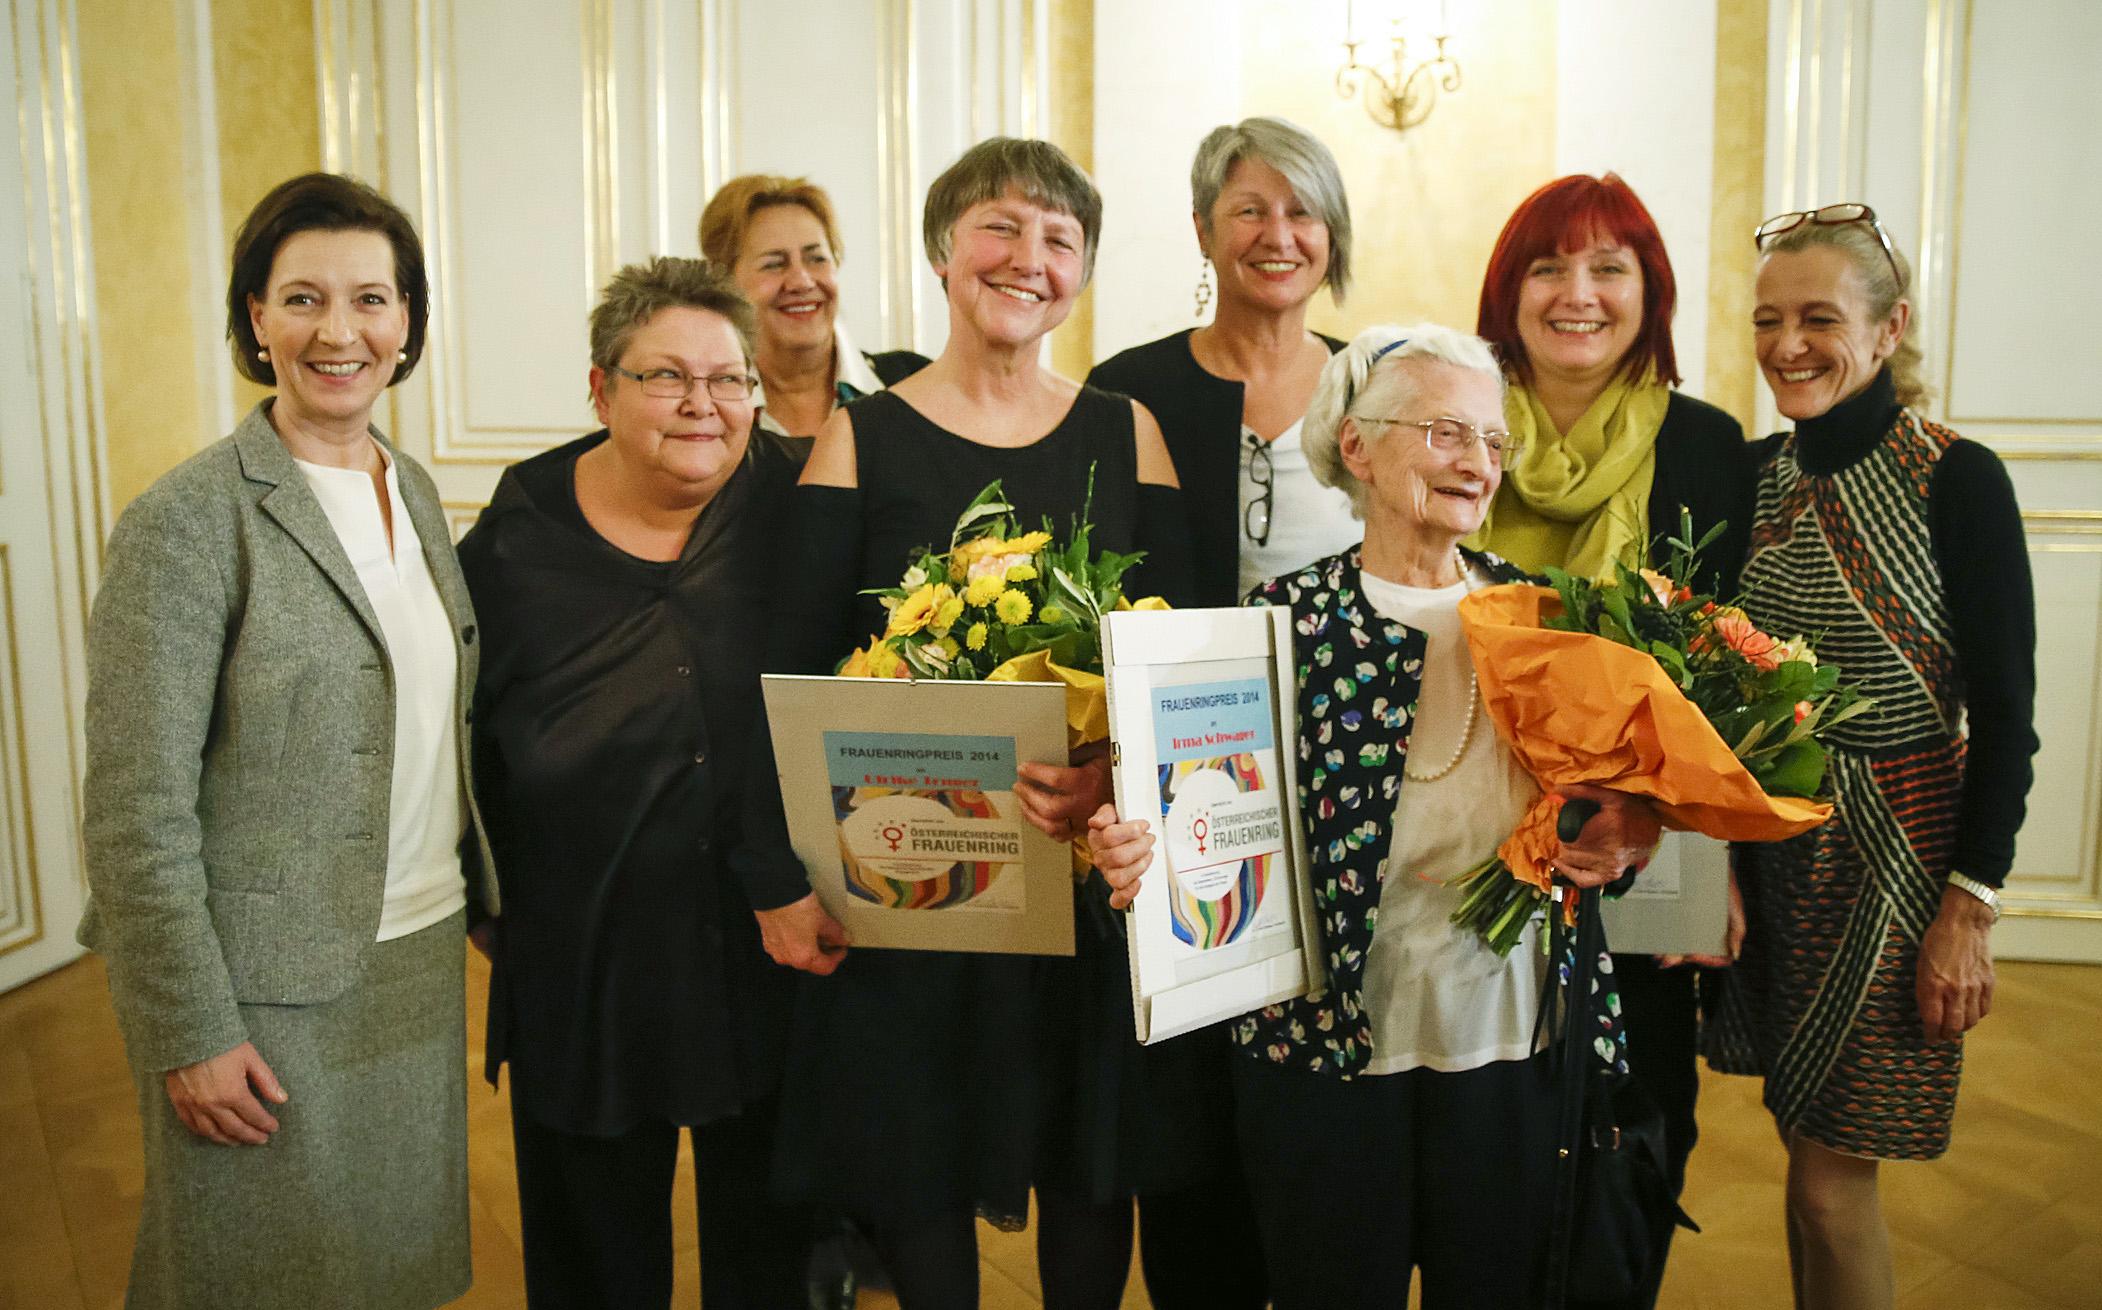 Frauenring-Preisträgerinnen 2014